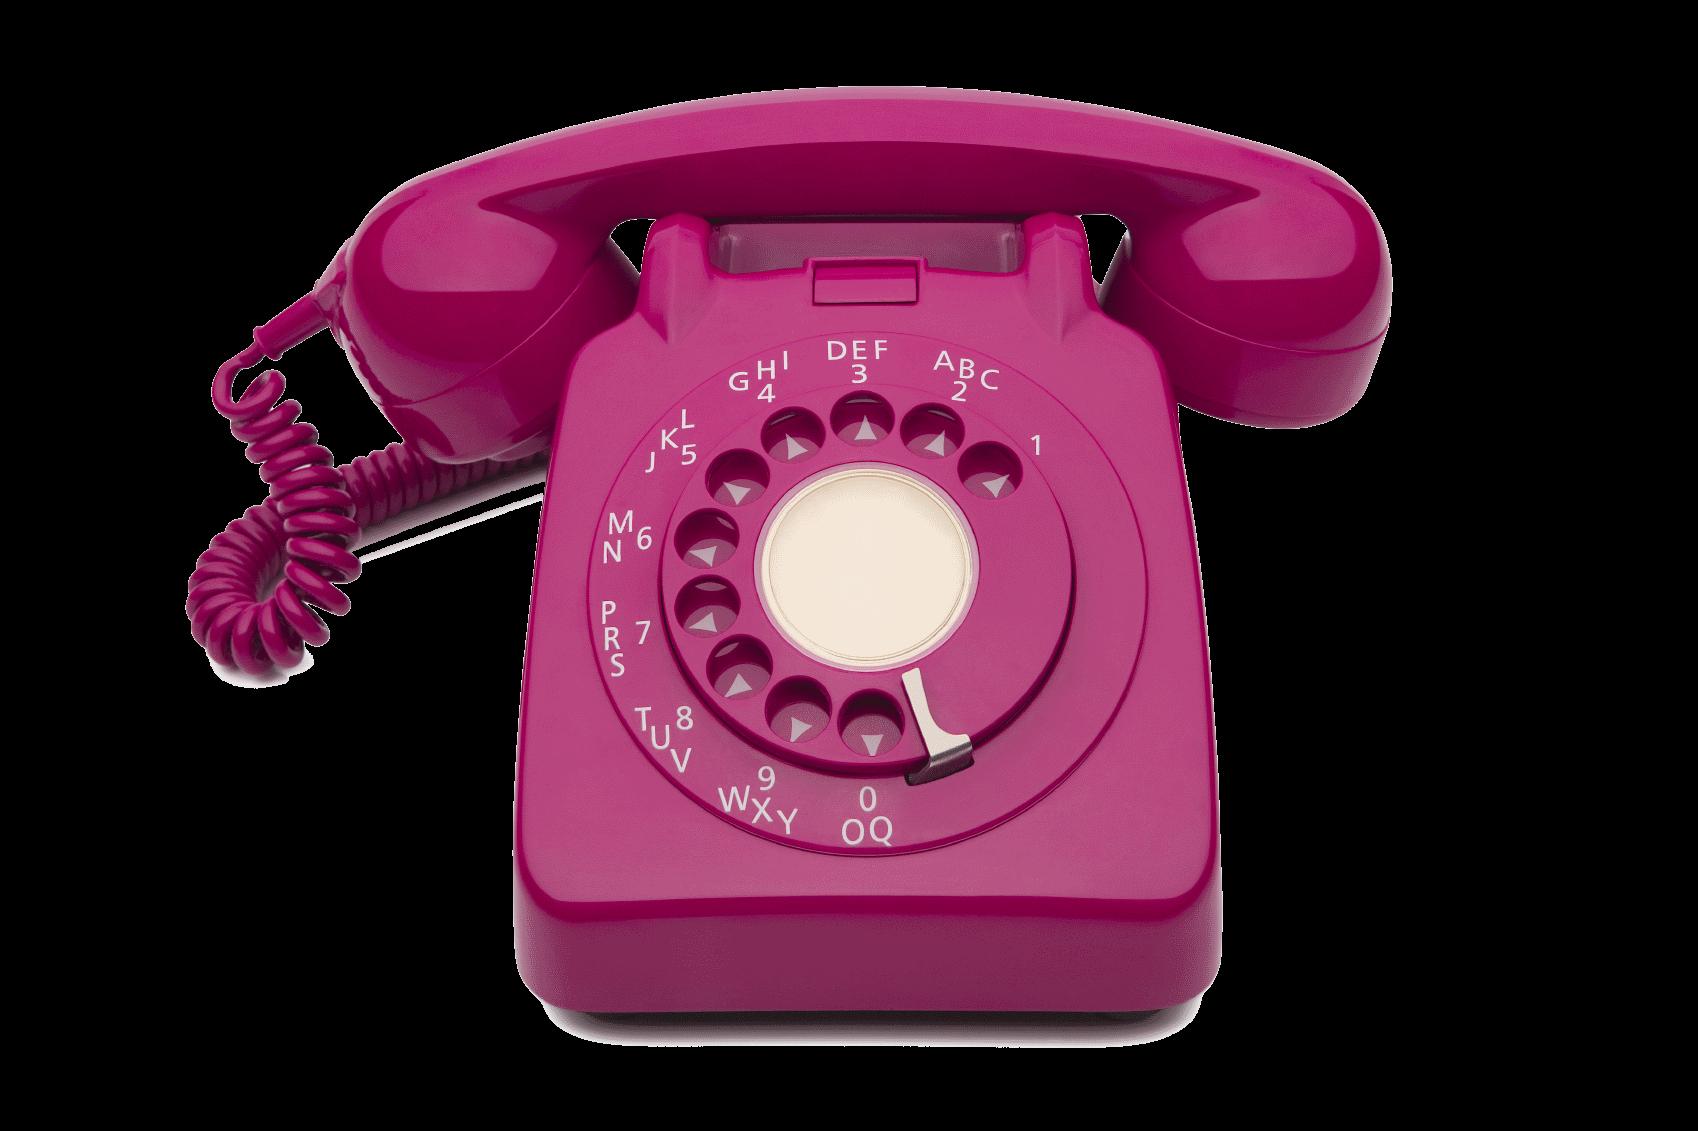 Kish Phone